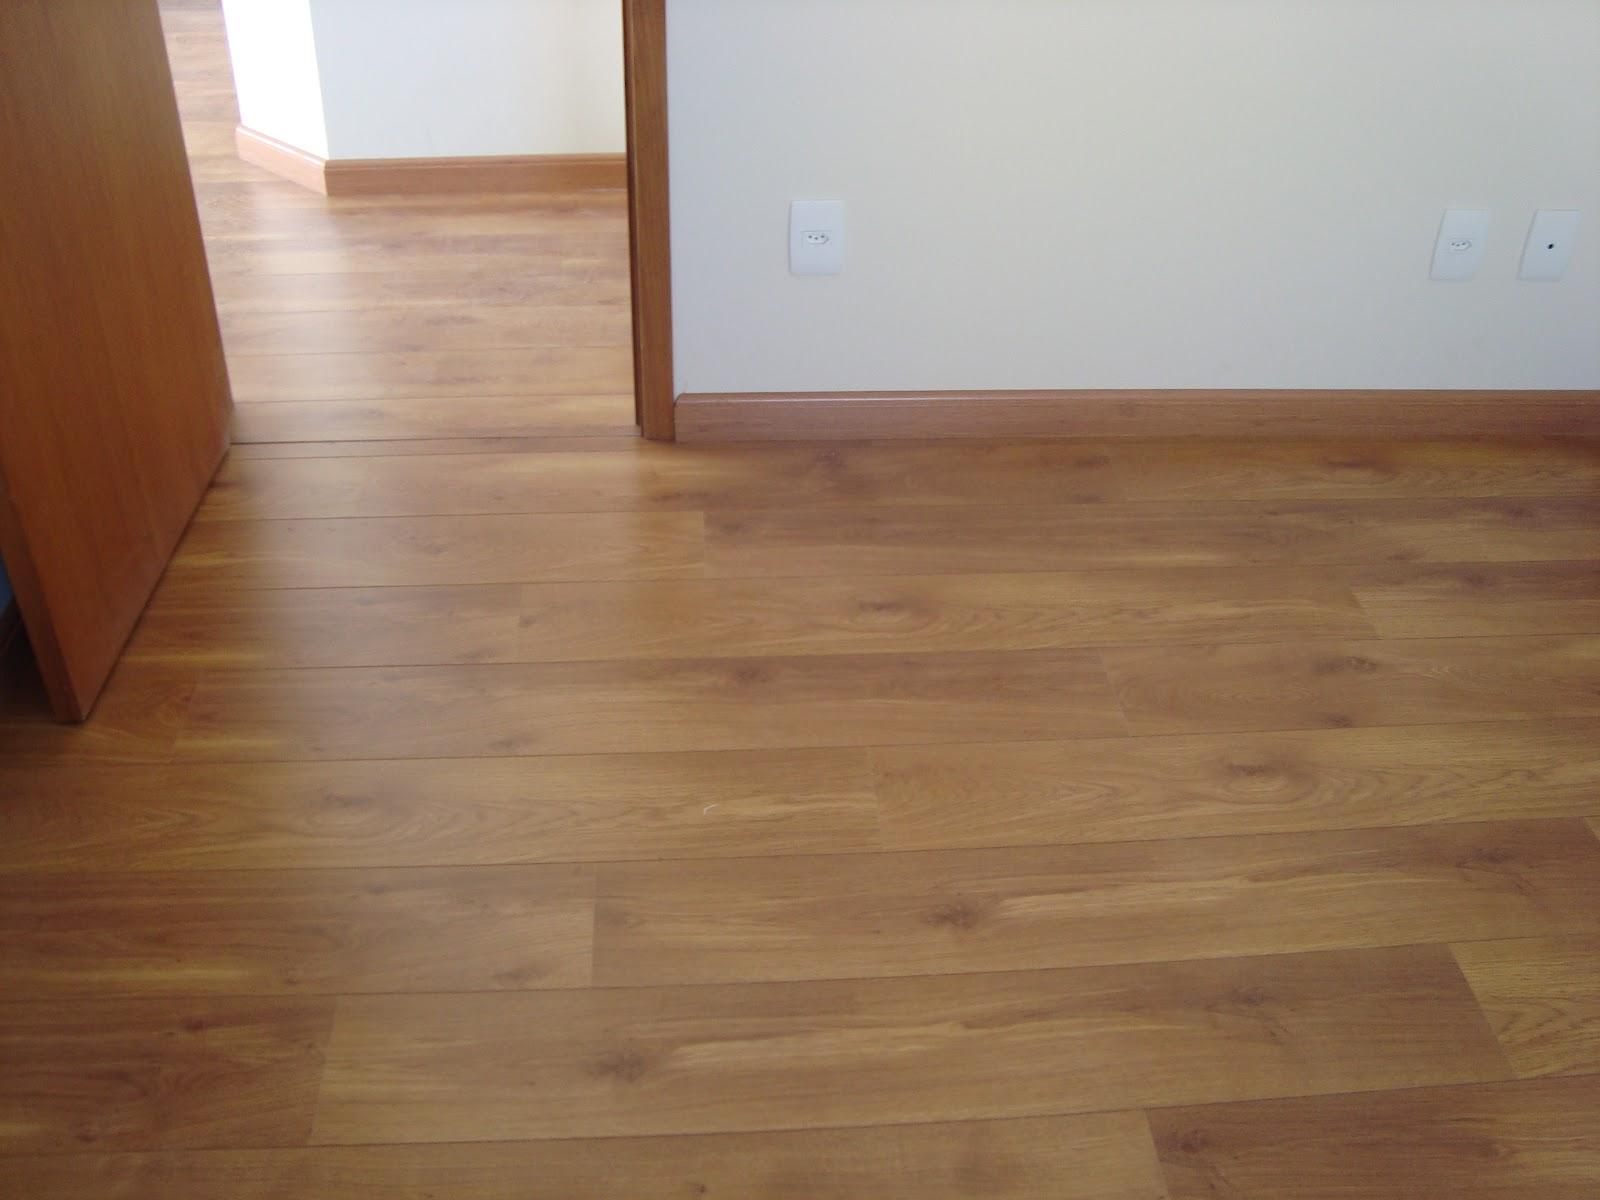 M todos revelados piso laminado vinco nas bordas - Compartir piso en malta ...